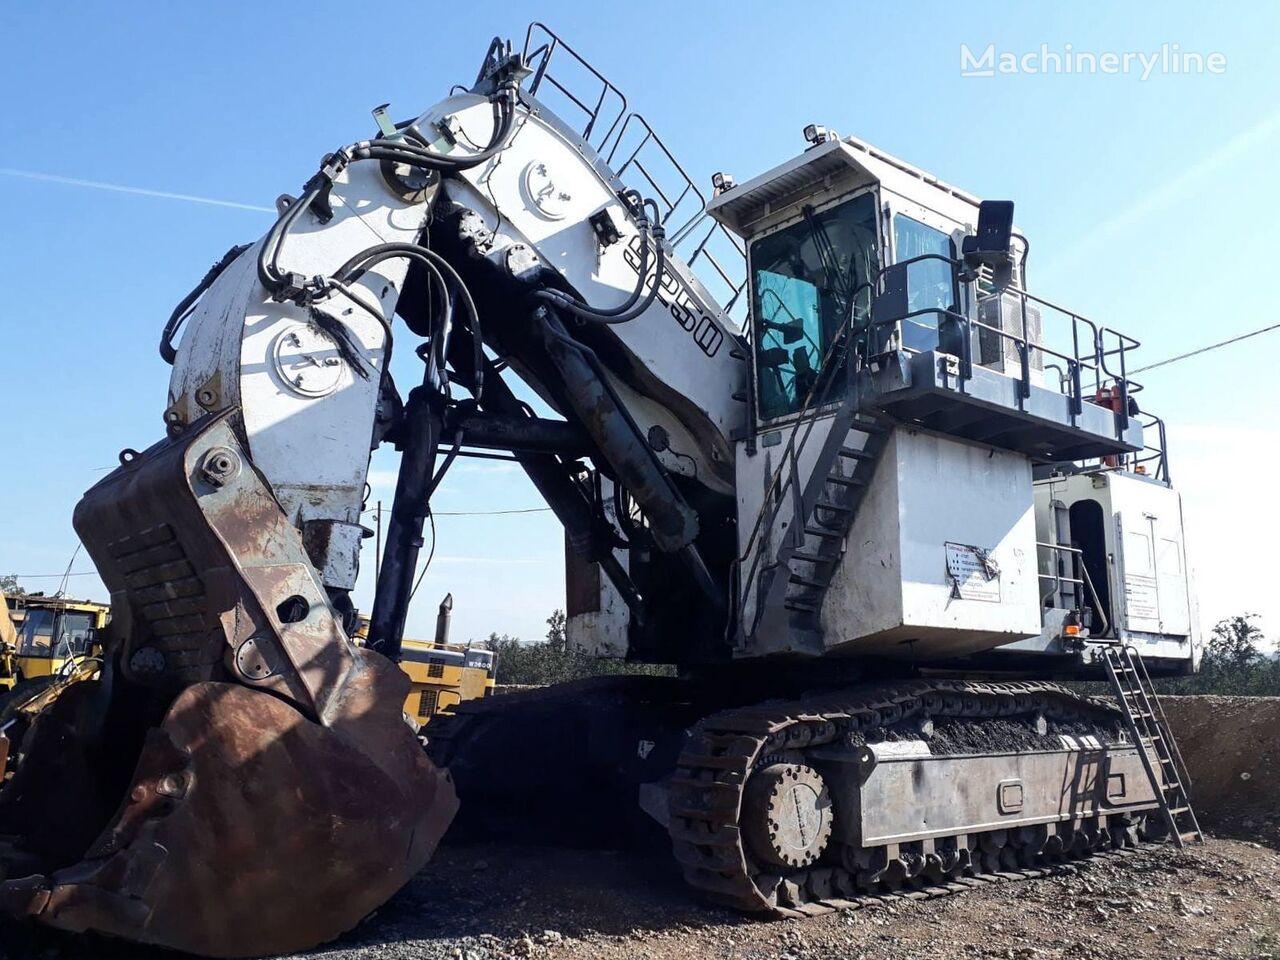 LIEBHERR Liebherr R 9250 tracked excavator